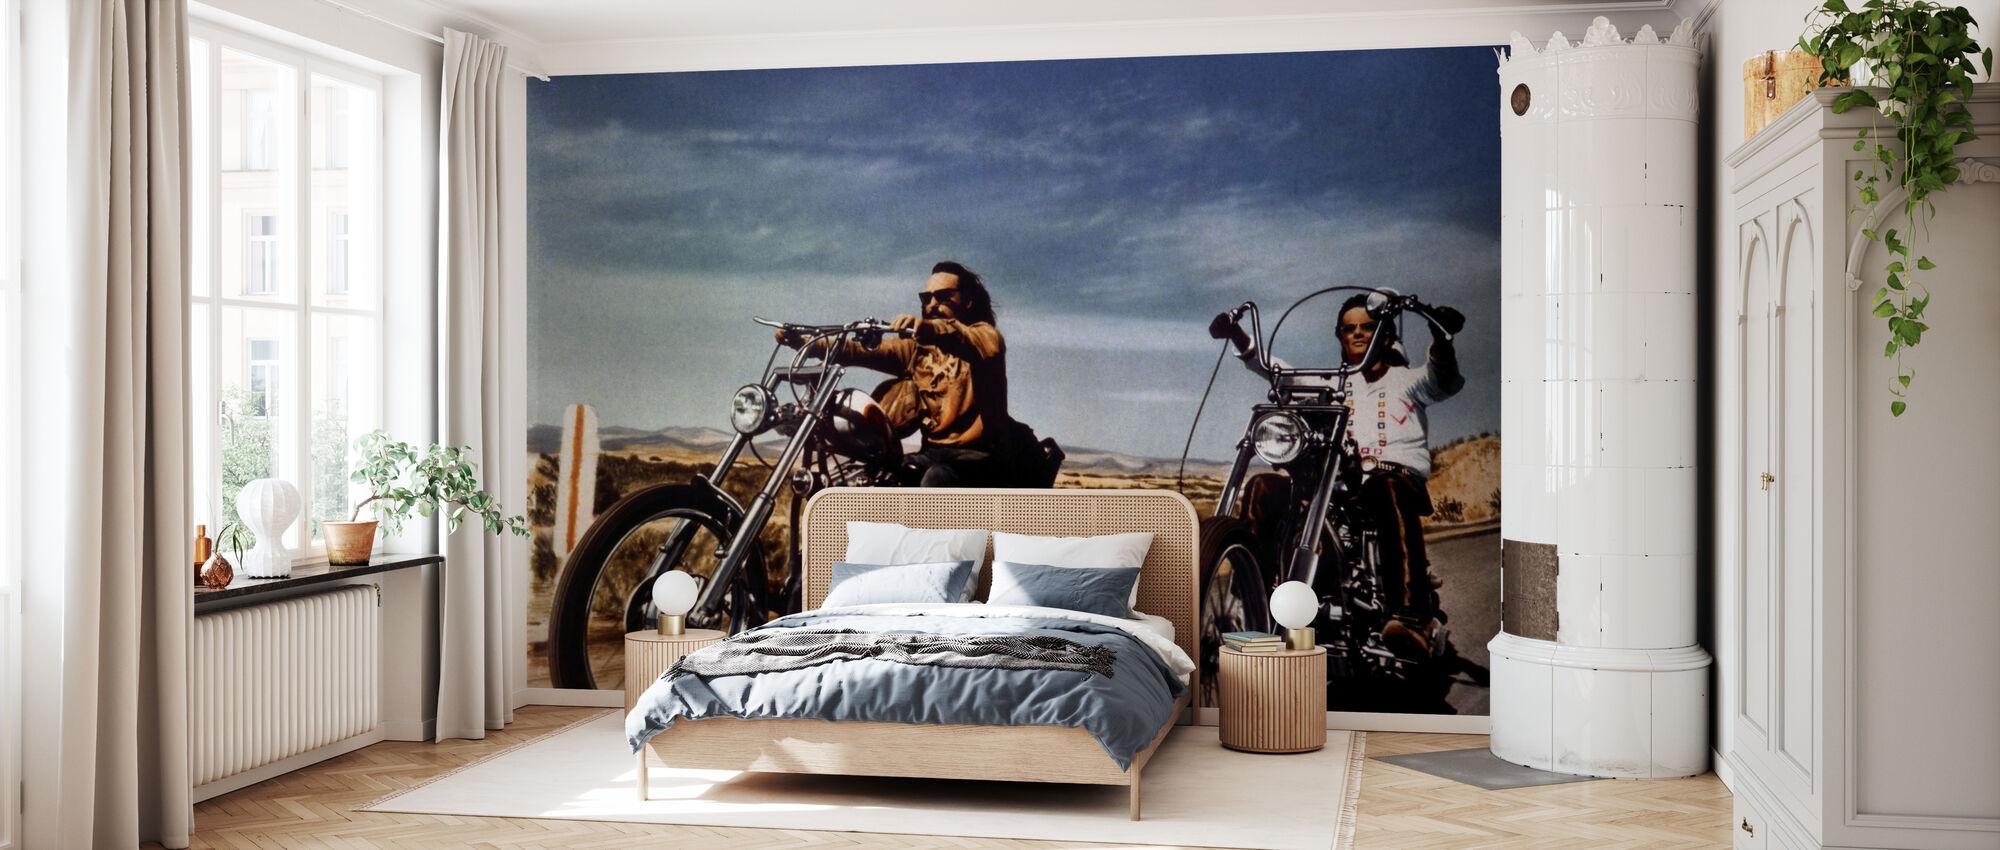 Dennis Hopper og Peter Fonda en Easy Rider - Tapet - Soverom